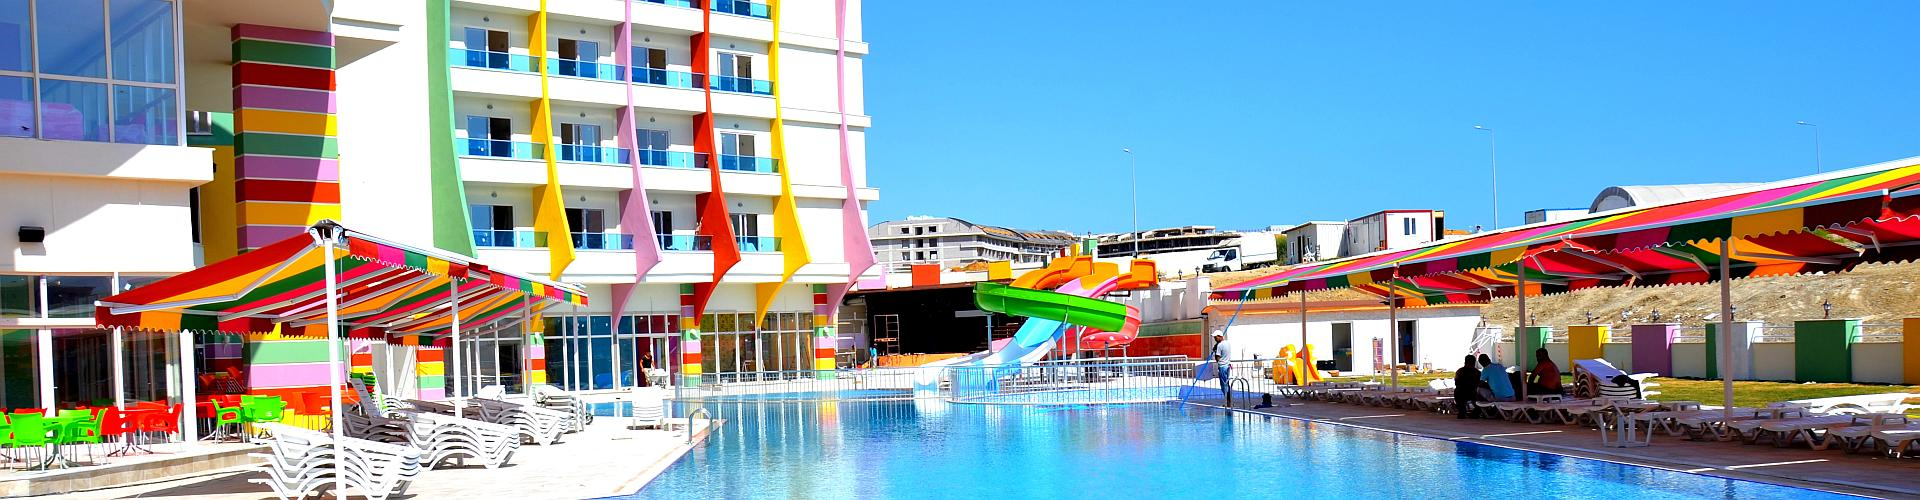 smartline Hotel The Clours West, Türkei